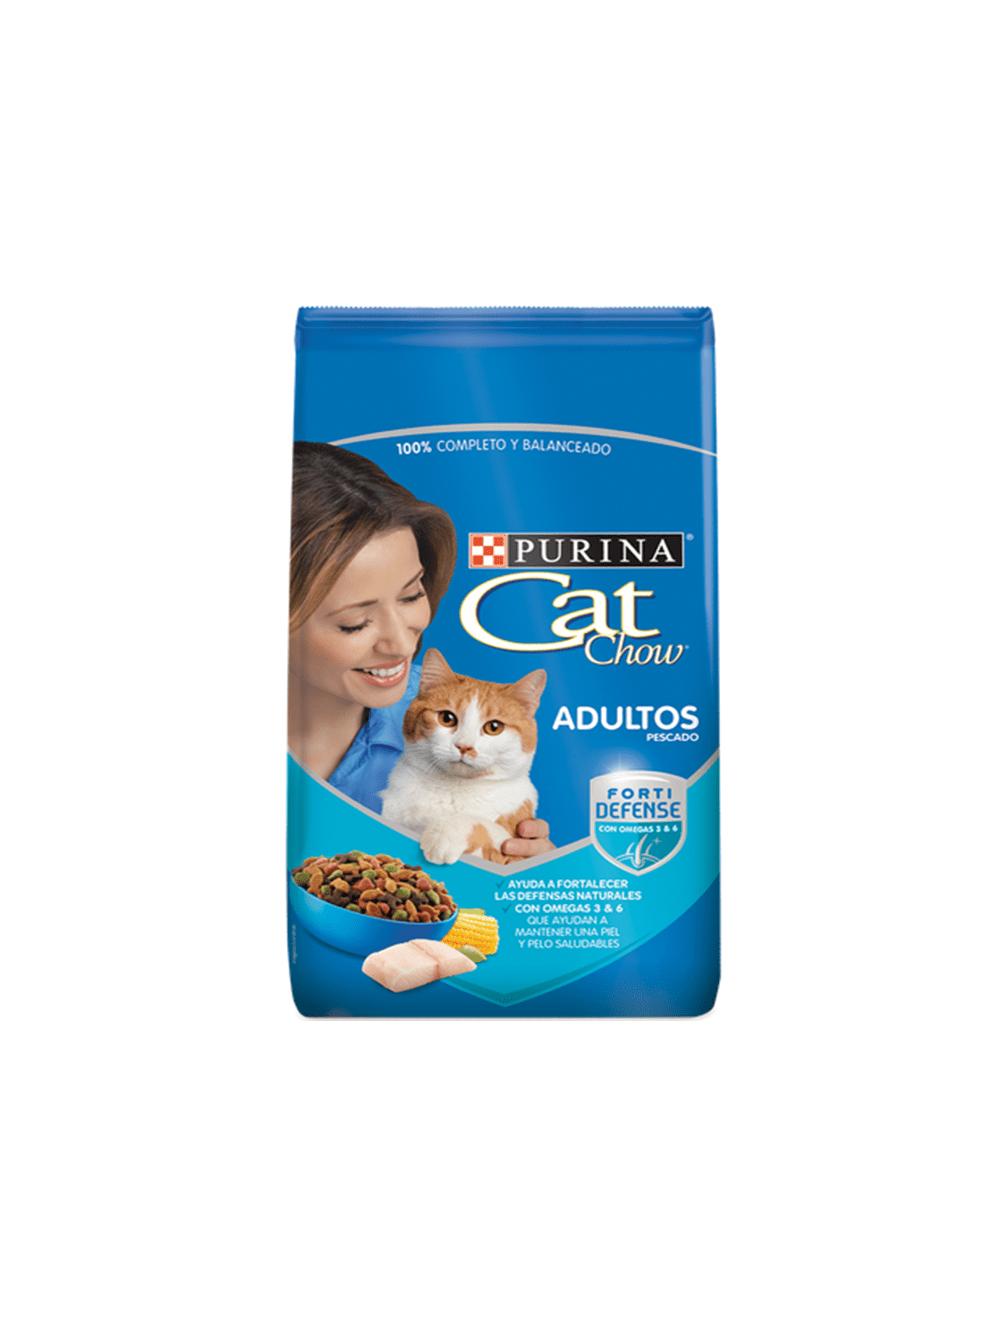 Purina Cat Chow Adultos Pescado